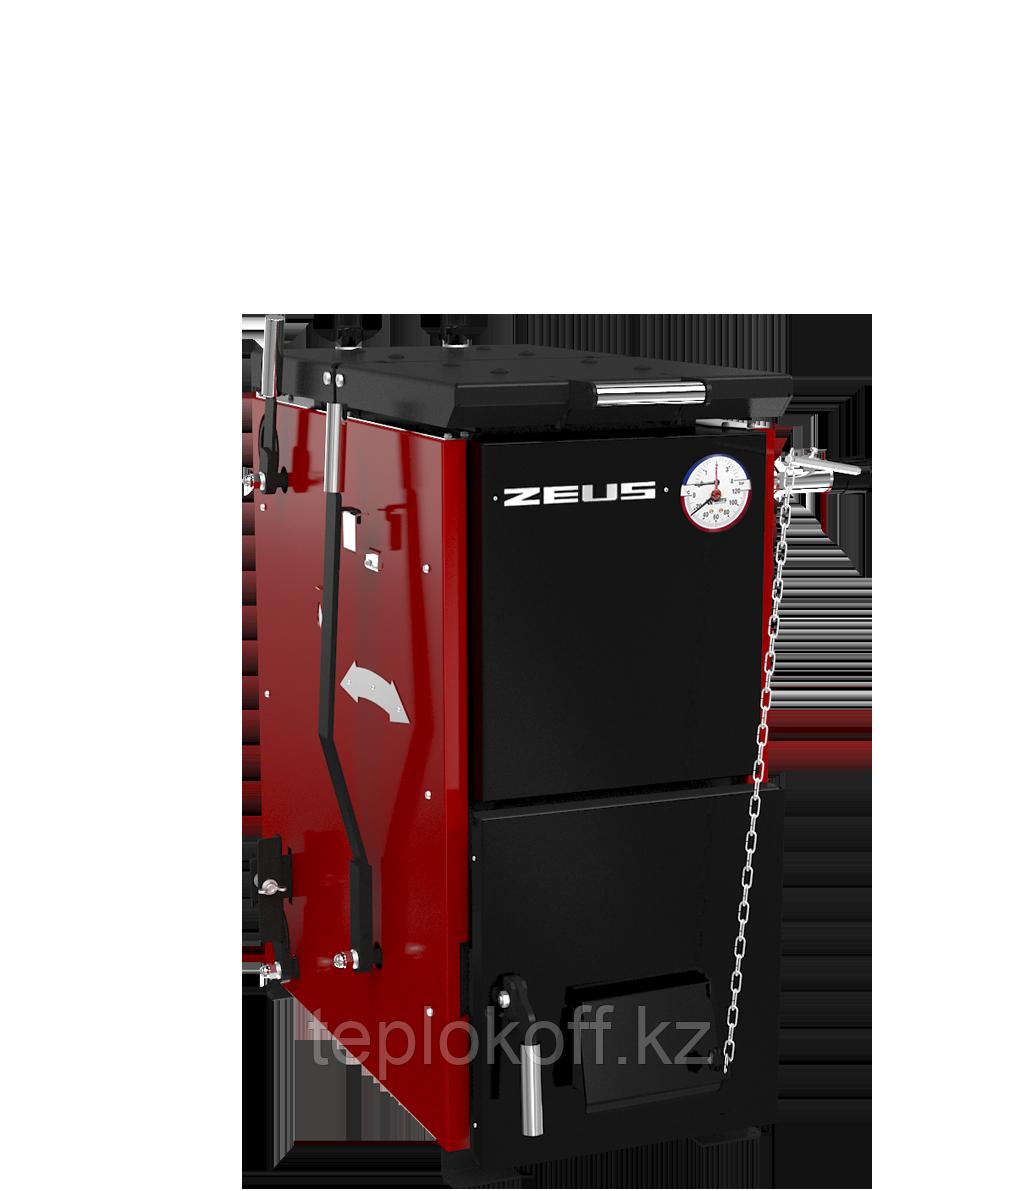 Котел твердотопливный полуавтоматический ZEUS («Зевс») 32 кВт